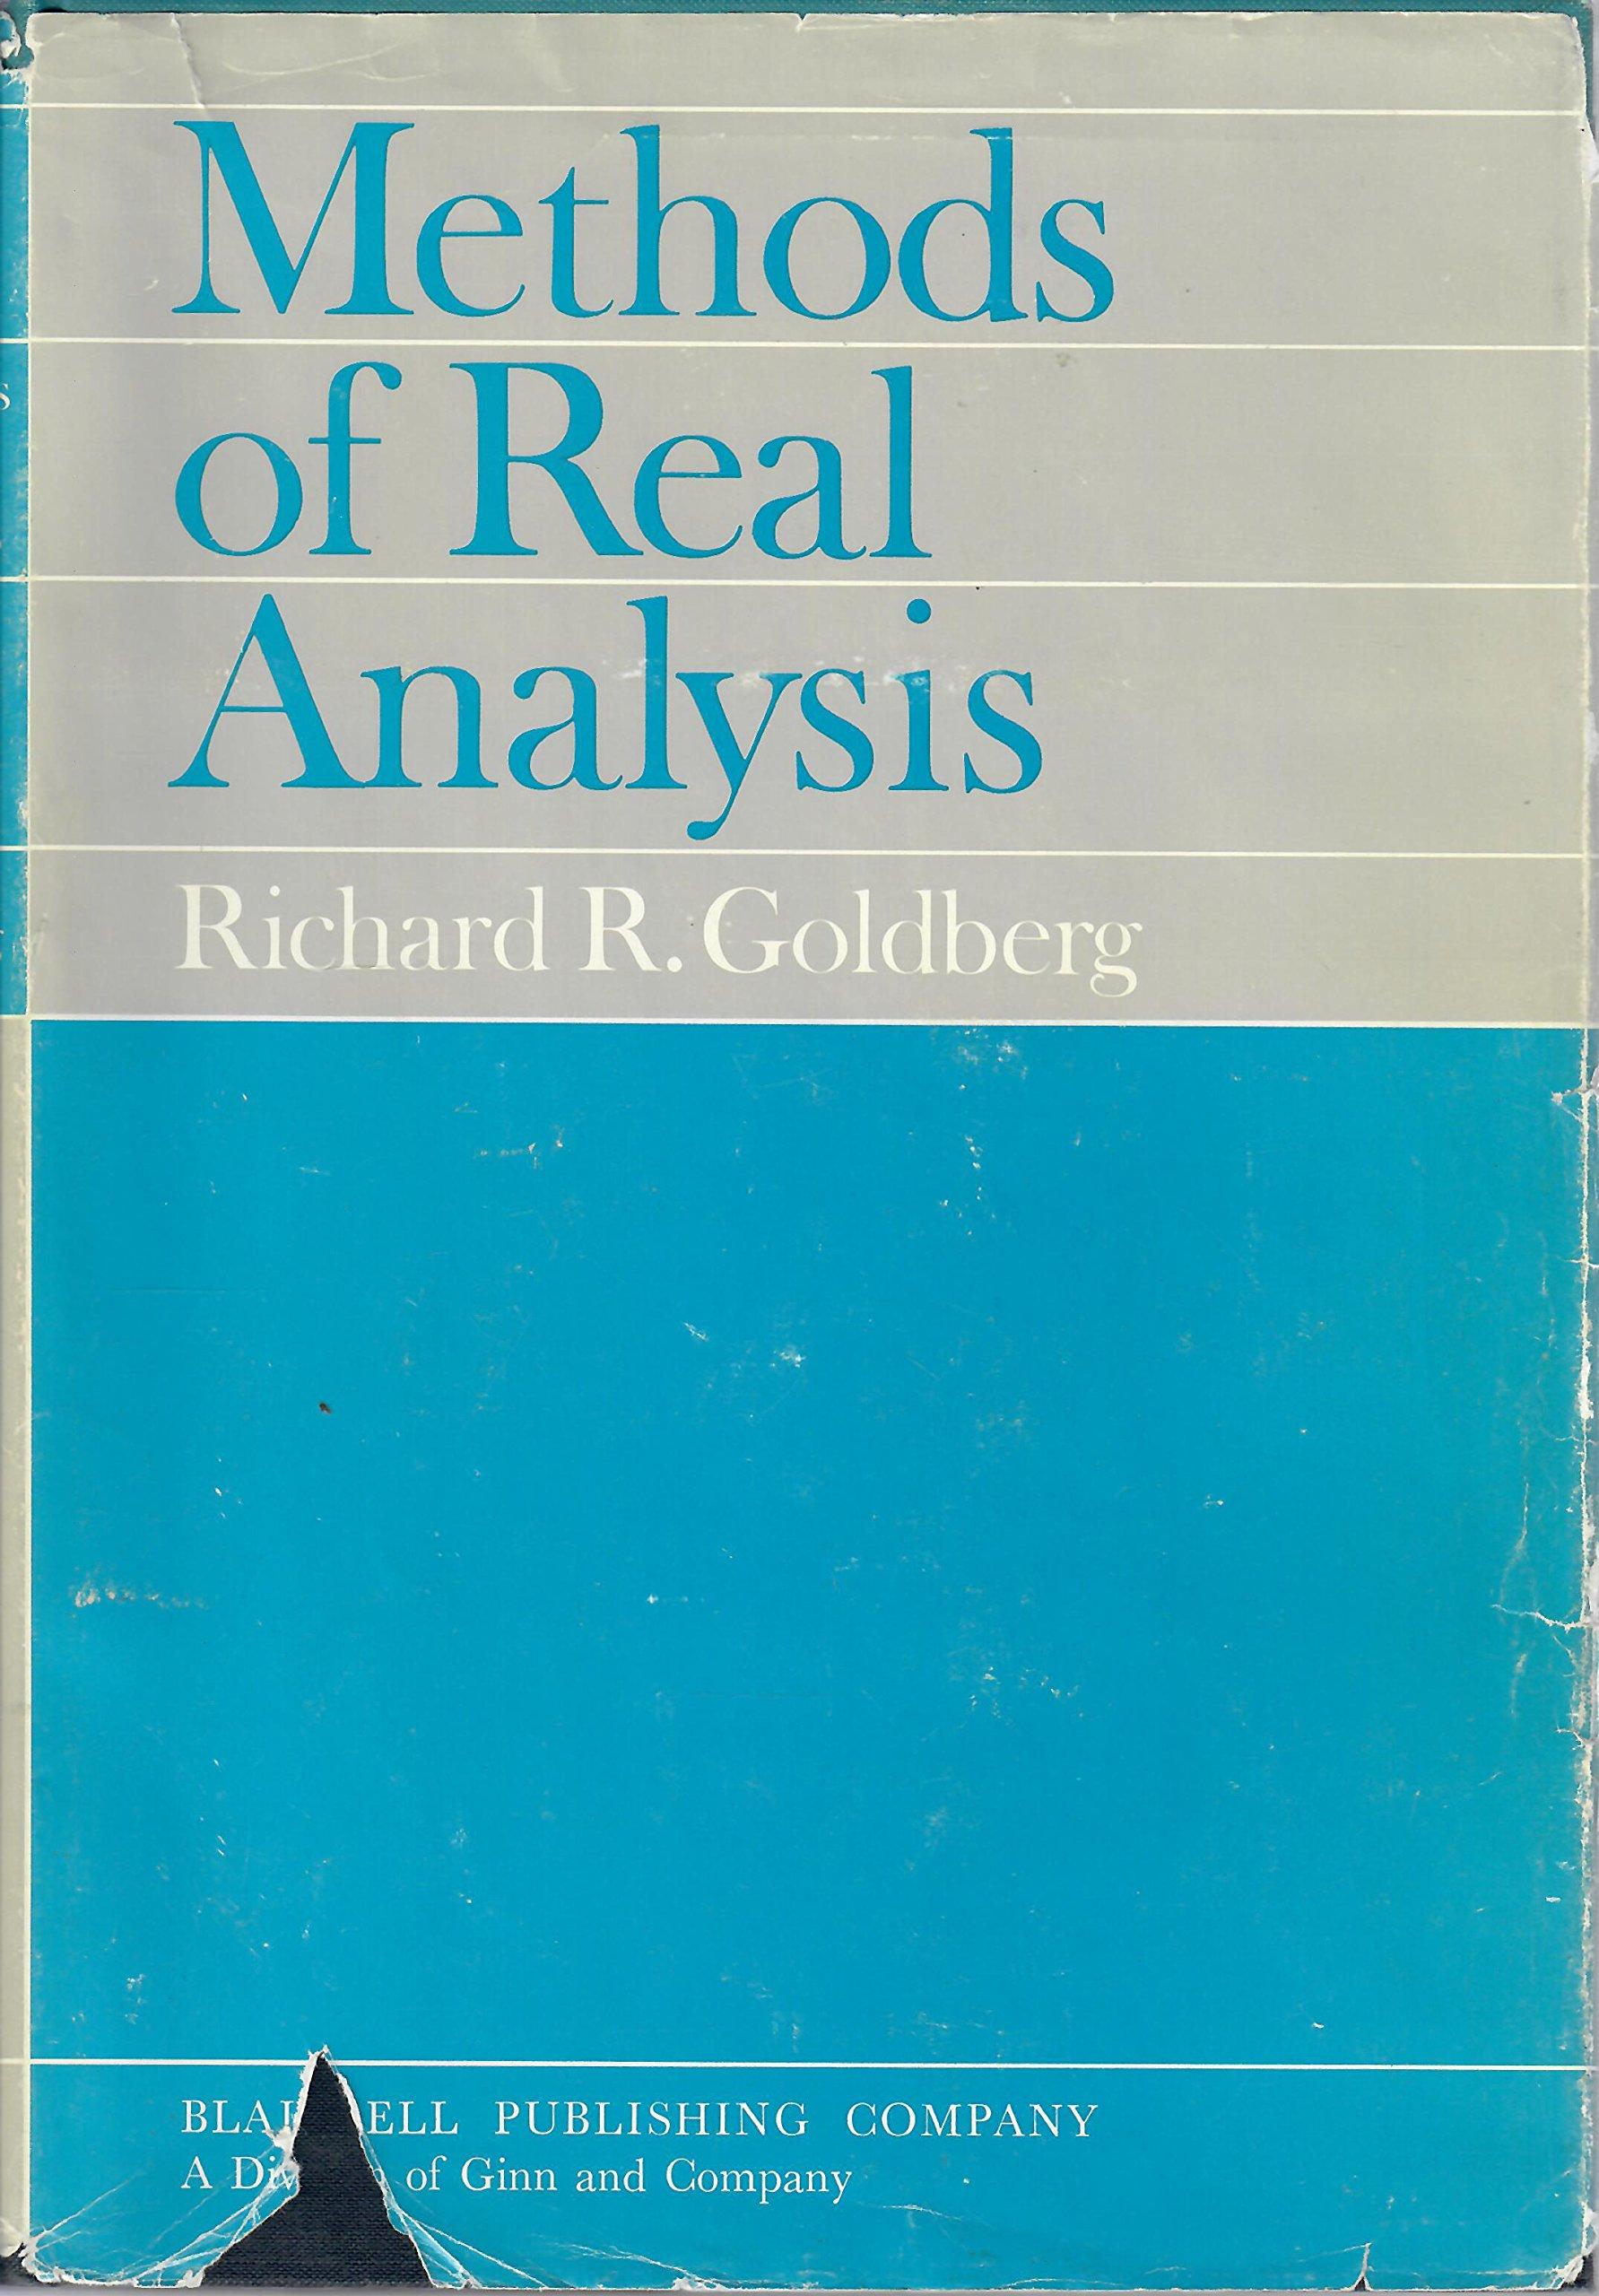 free download real analysis book richard goldberg